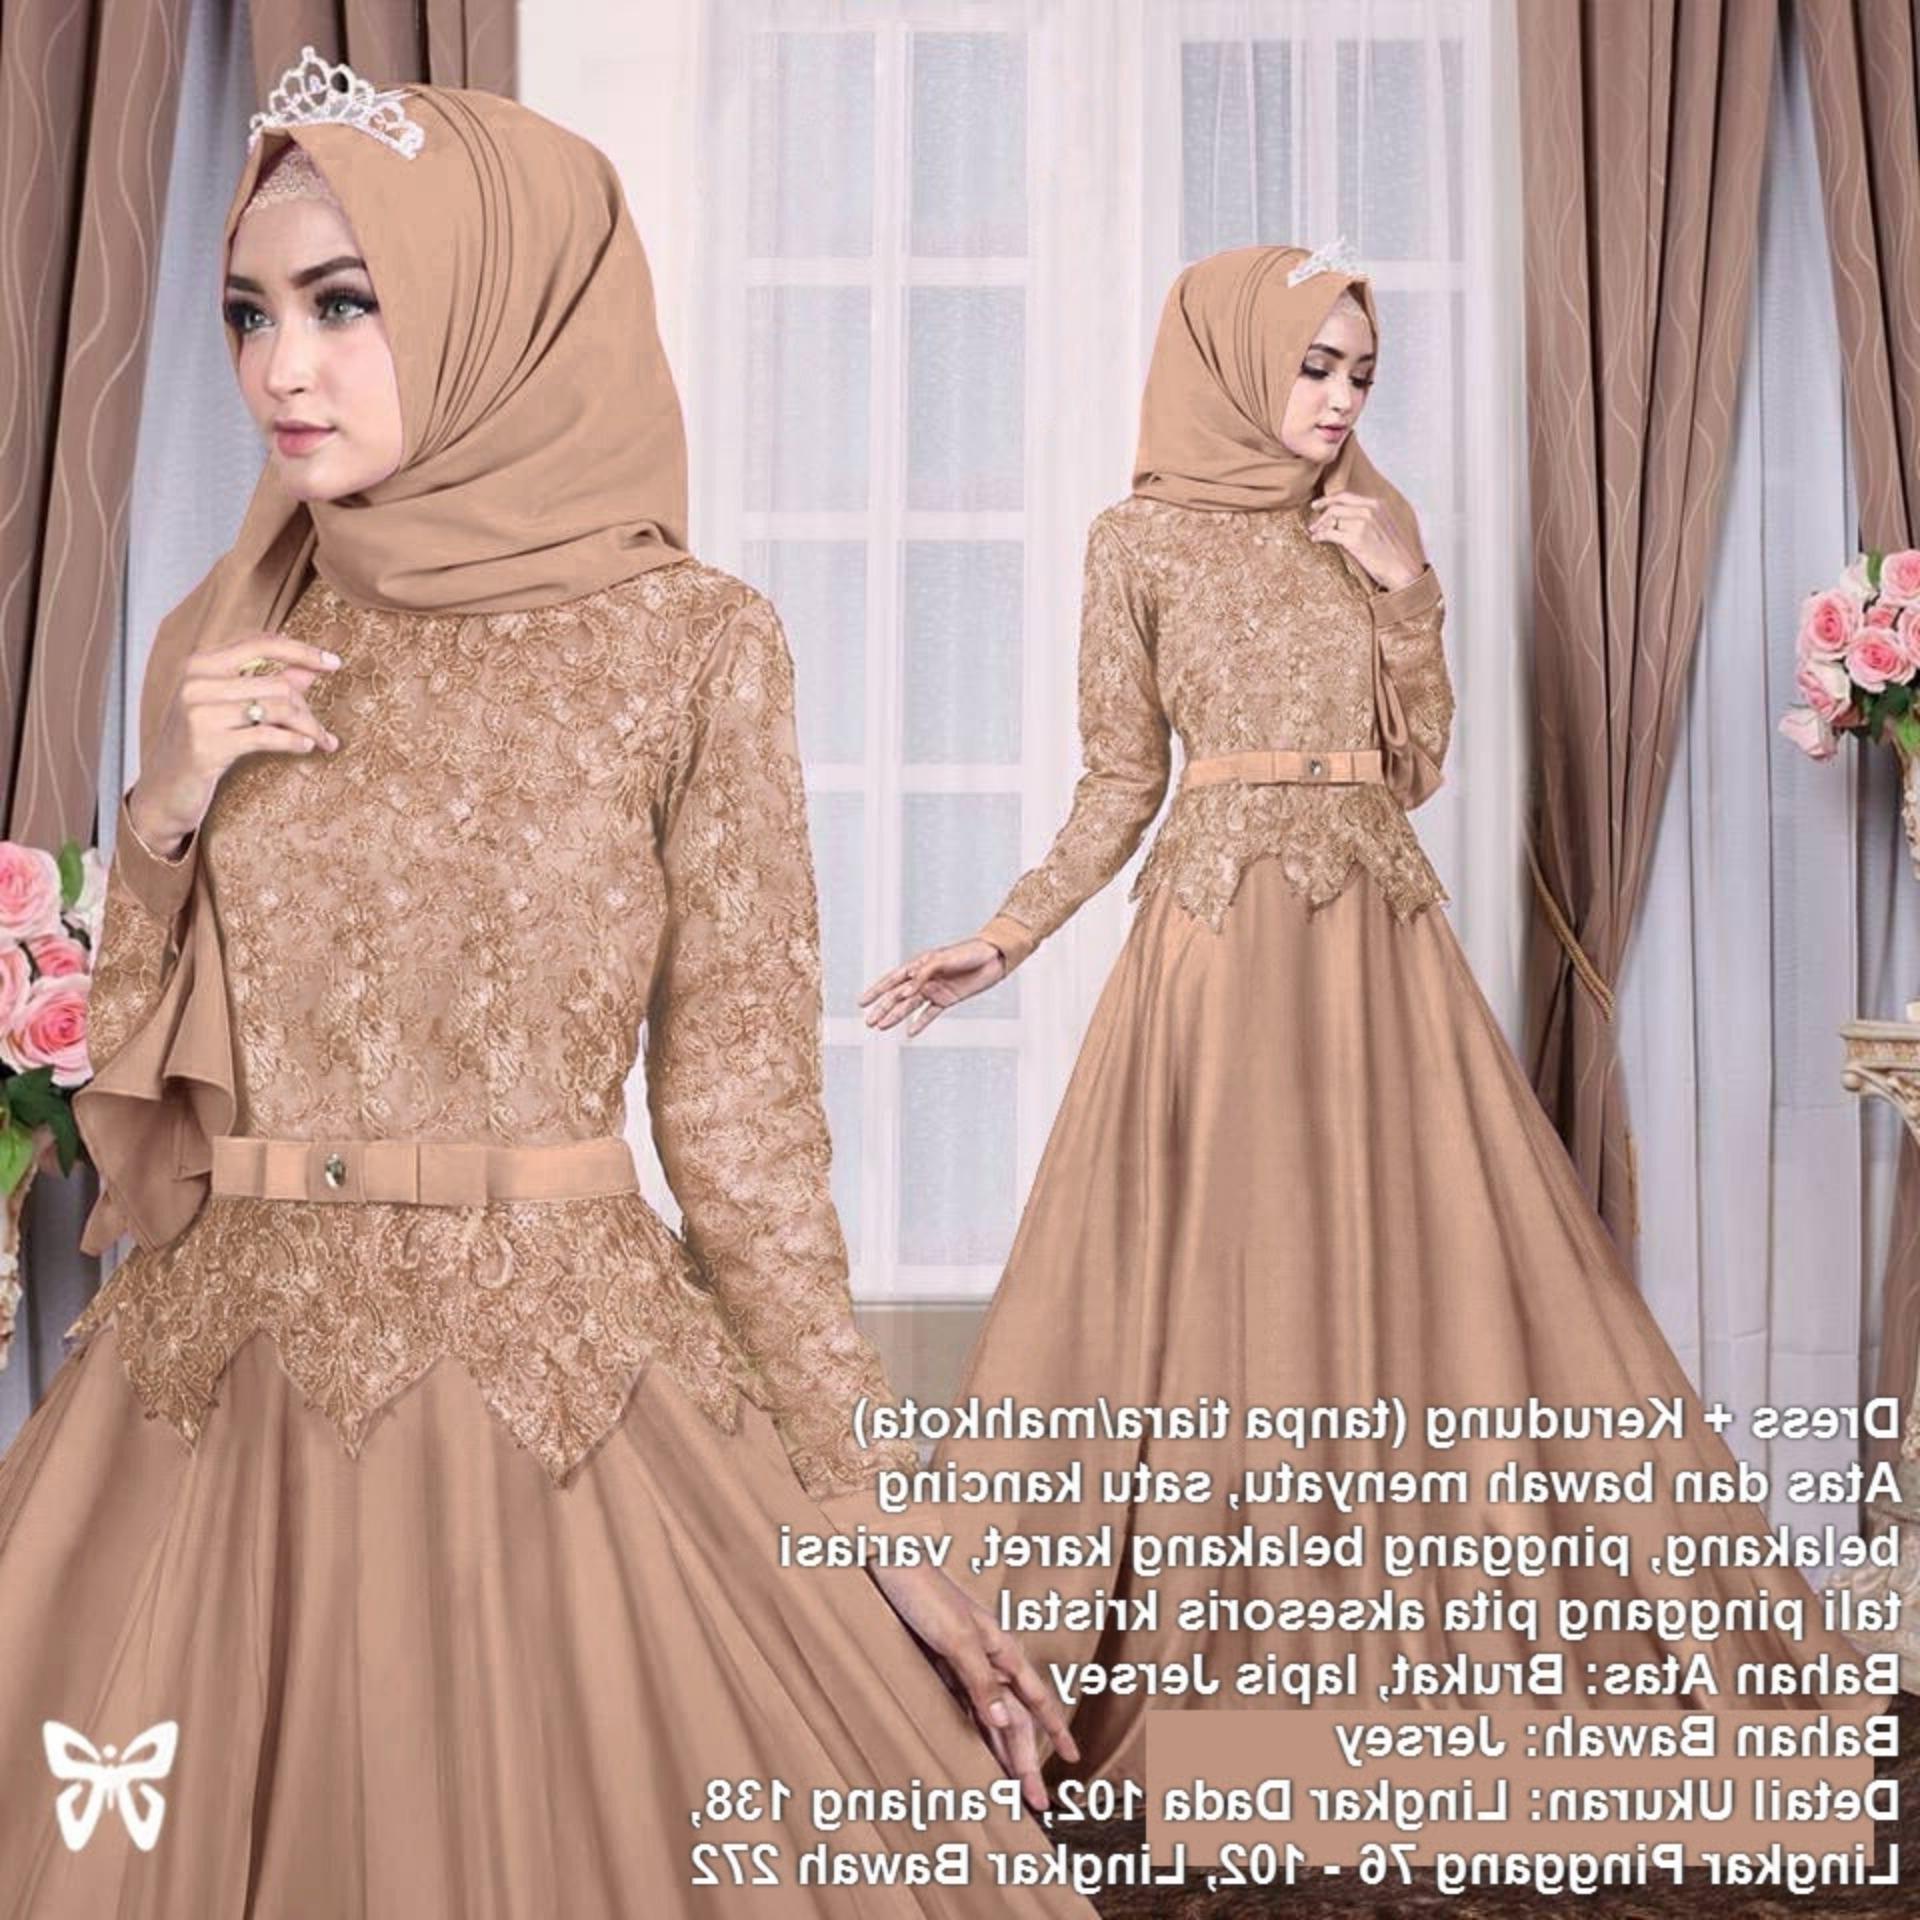 Inspirasi Gamis Untuk Resepsi Pernikahan Irdz Harga Gaun Pengantin Muslimah Unik Inilah Harga Gaun Gamis